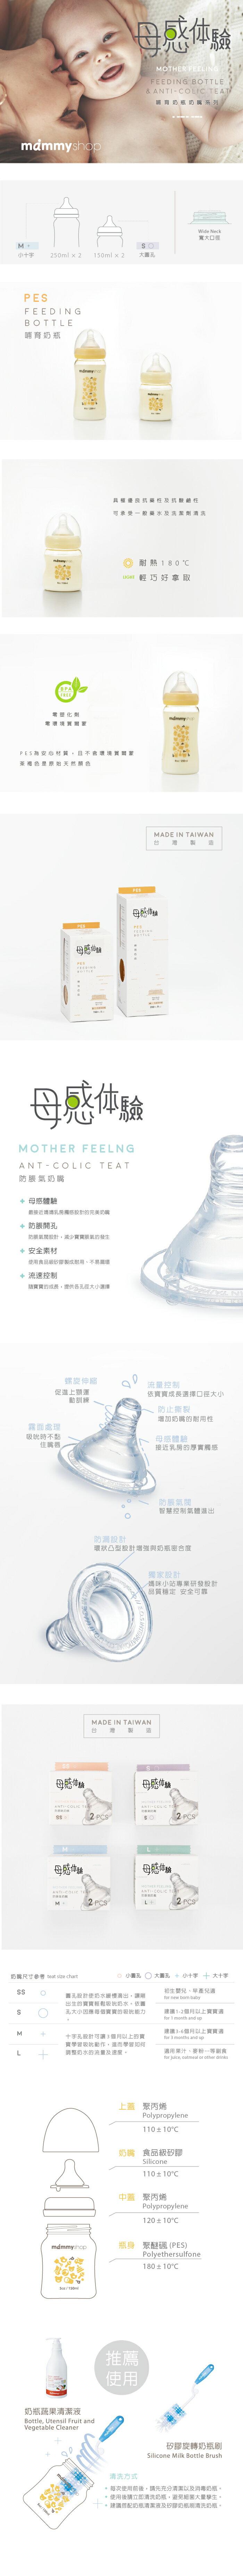 Mammyshop媽咪小站 - 母感體驗 PES防脹氣奶瓶 寬大口徑 250ml 2入 + 150ml 2入 超值組 1